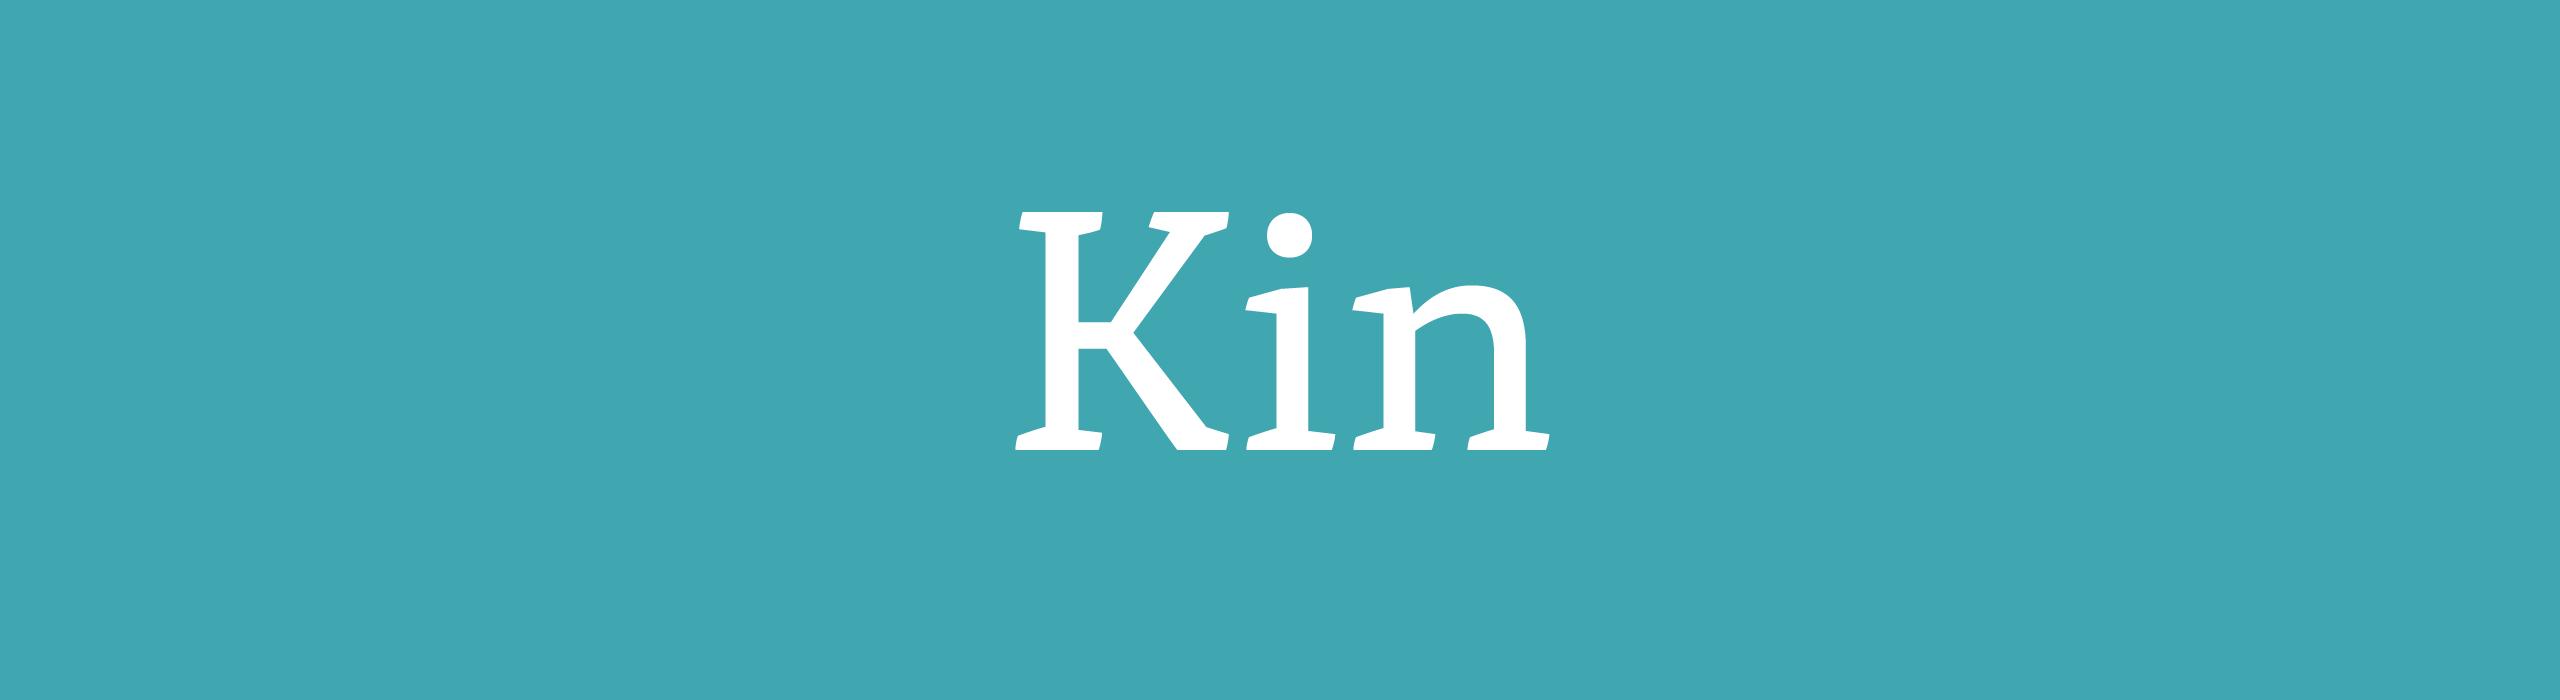 ITT_TD_Kin